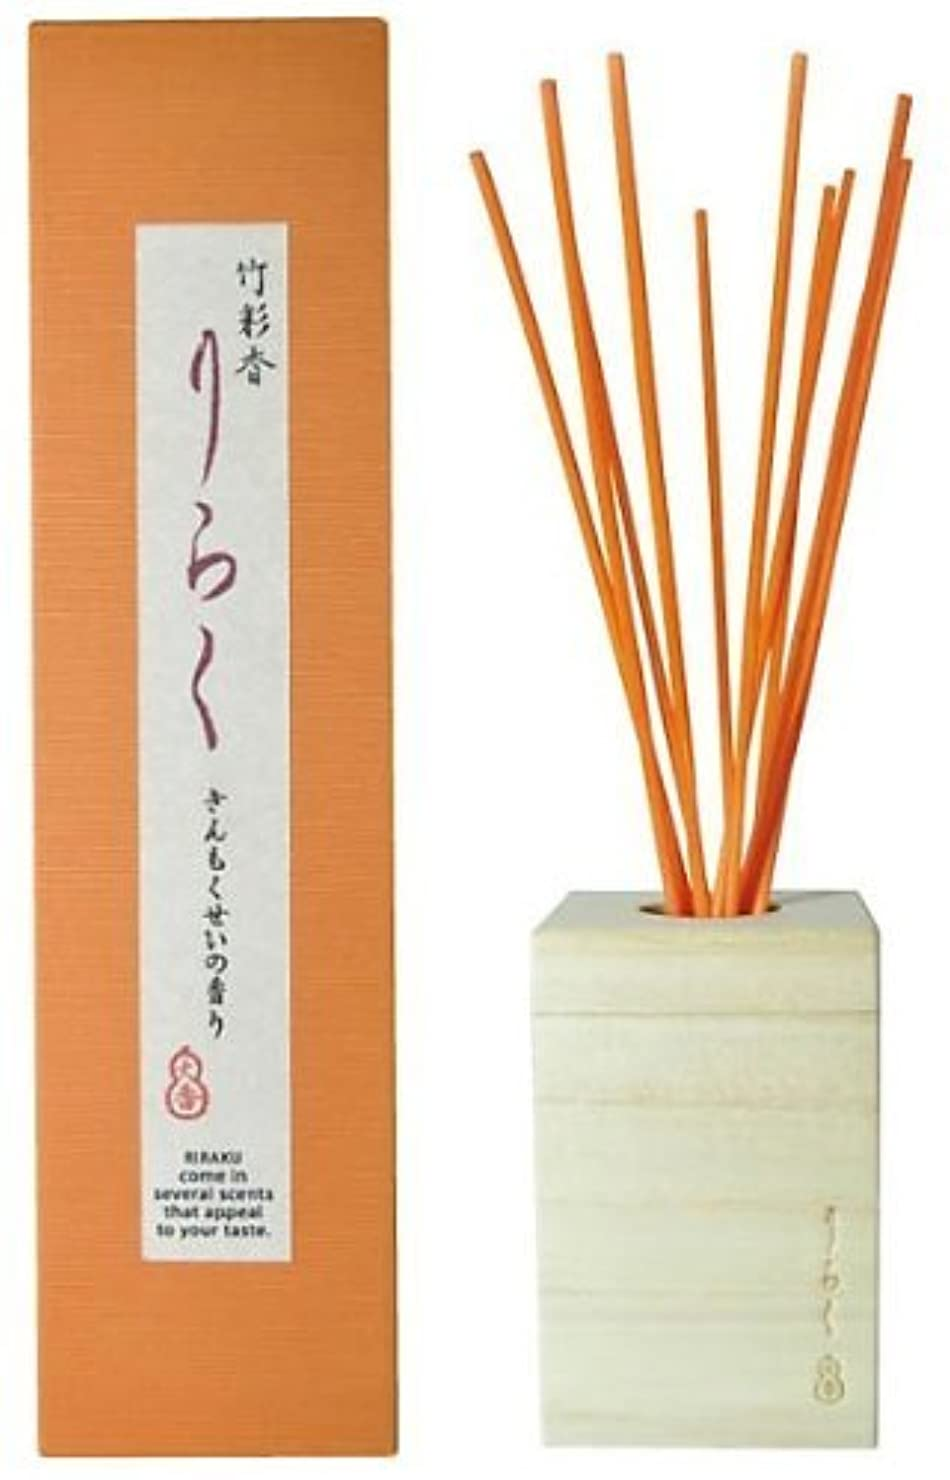 ホーム完全に乾く疑わしい竹彩香りらくきんもくせい 50ml